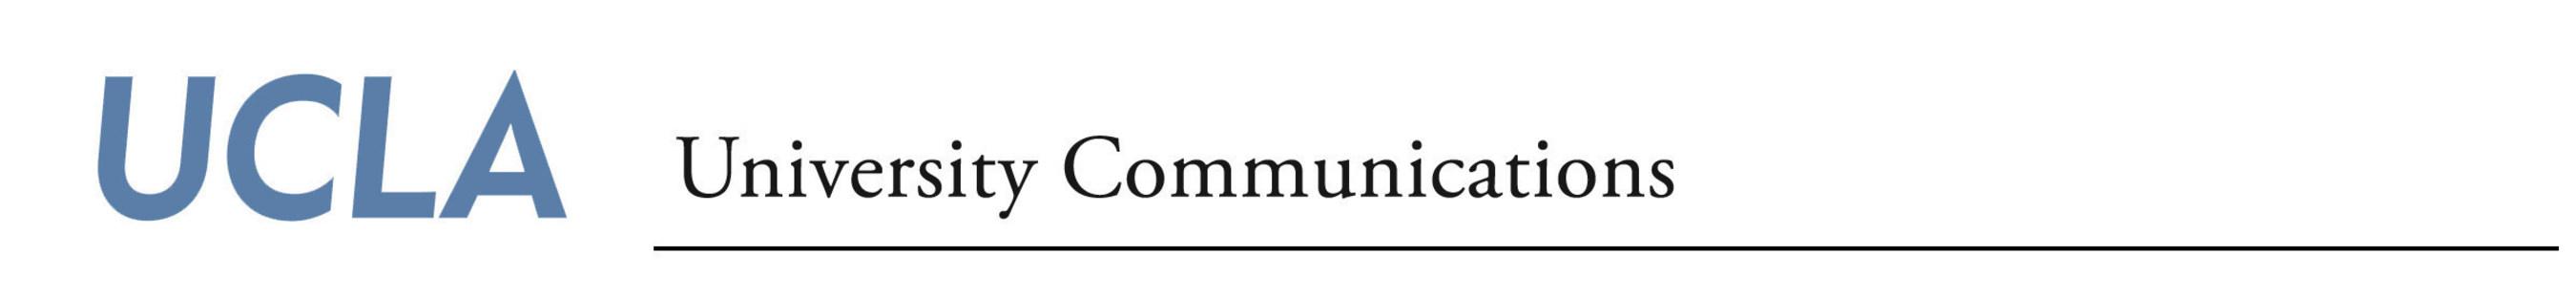 UCLA University Communications Logo